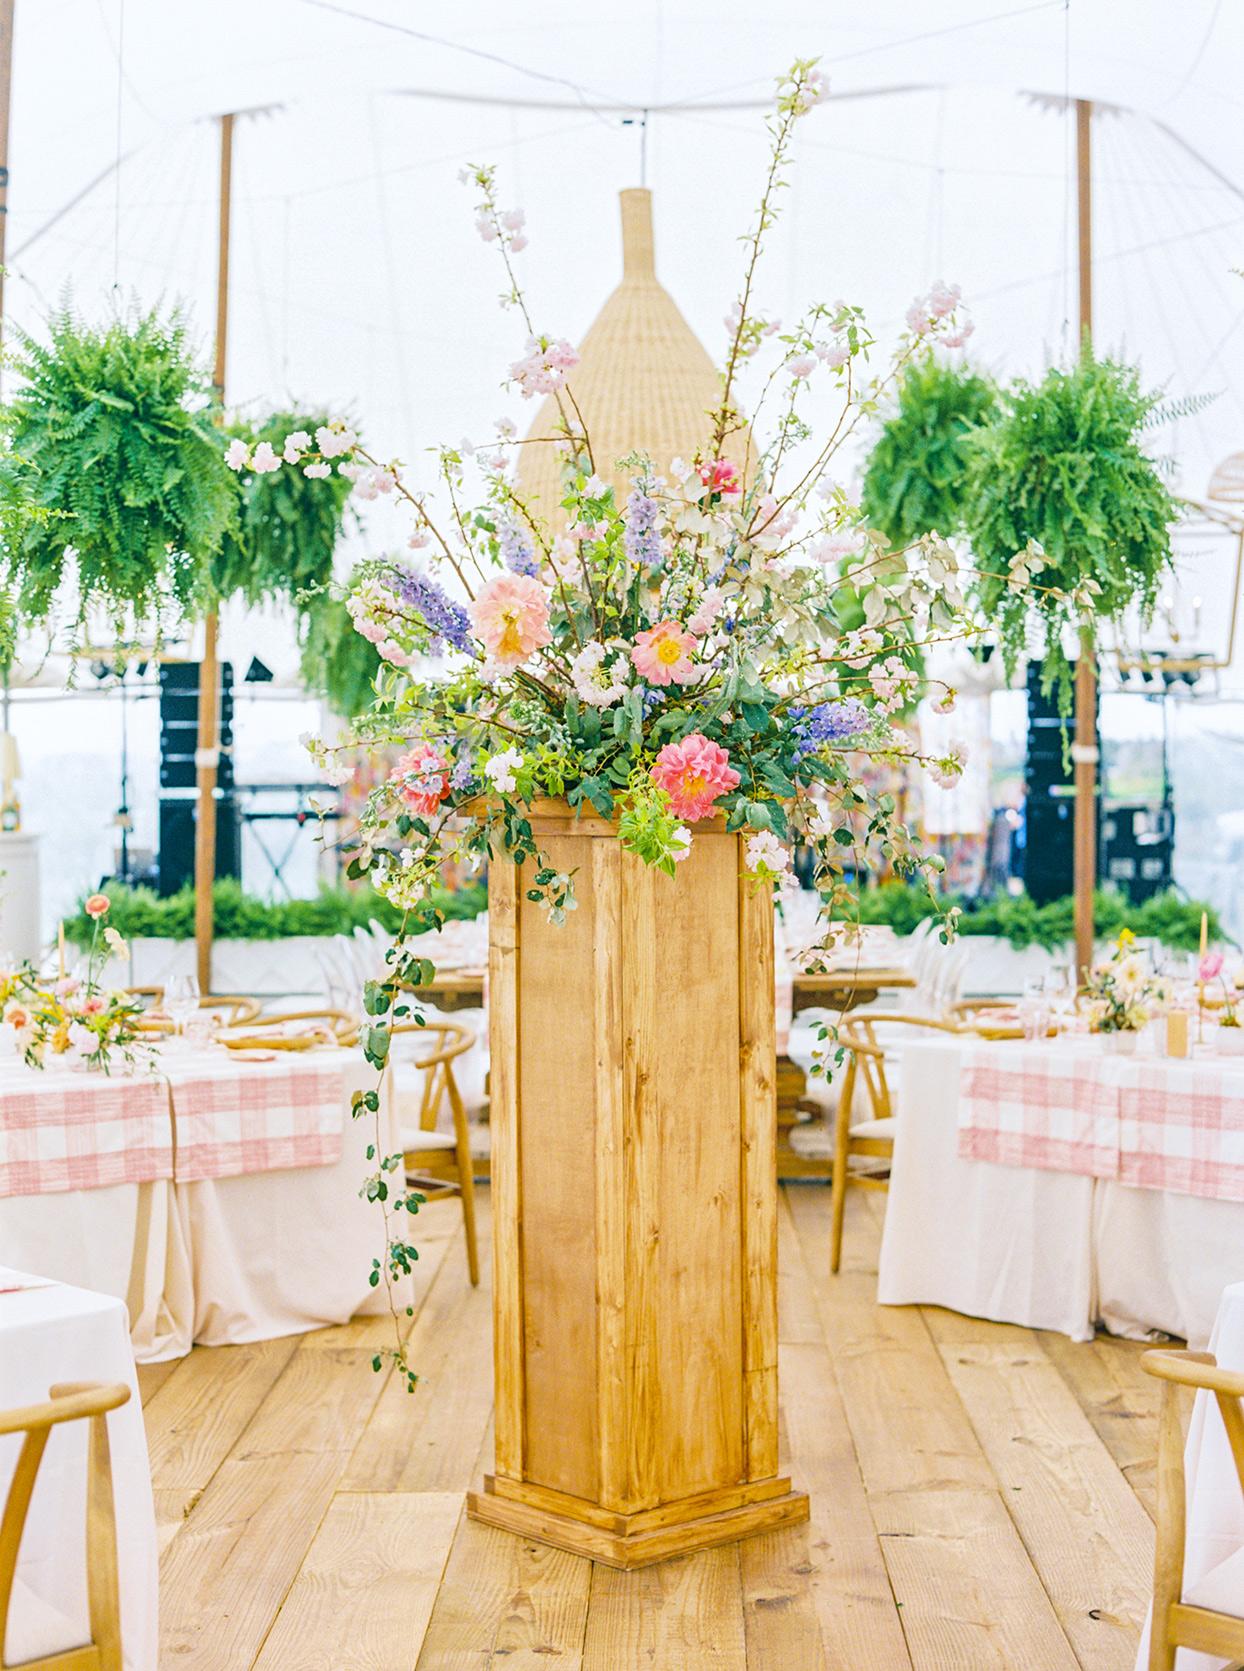 lauren dan wedding reception wooden column filled with flowers